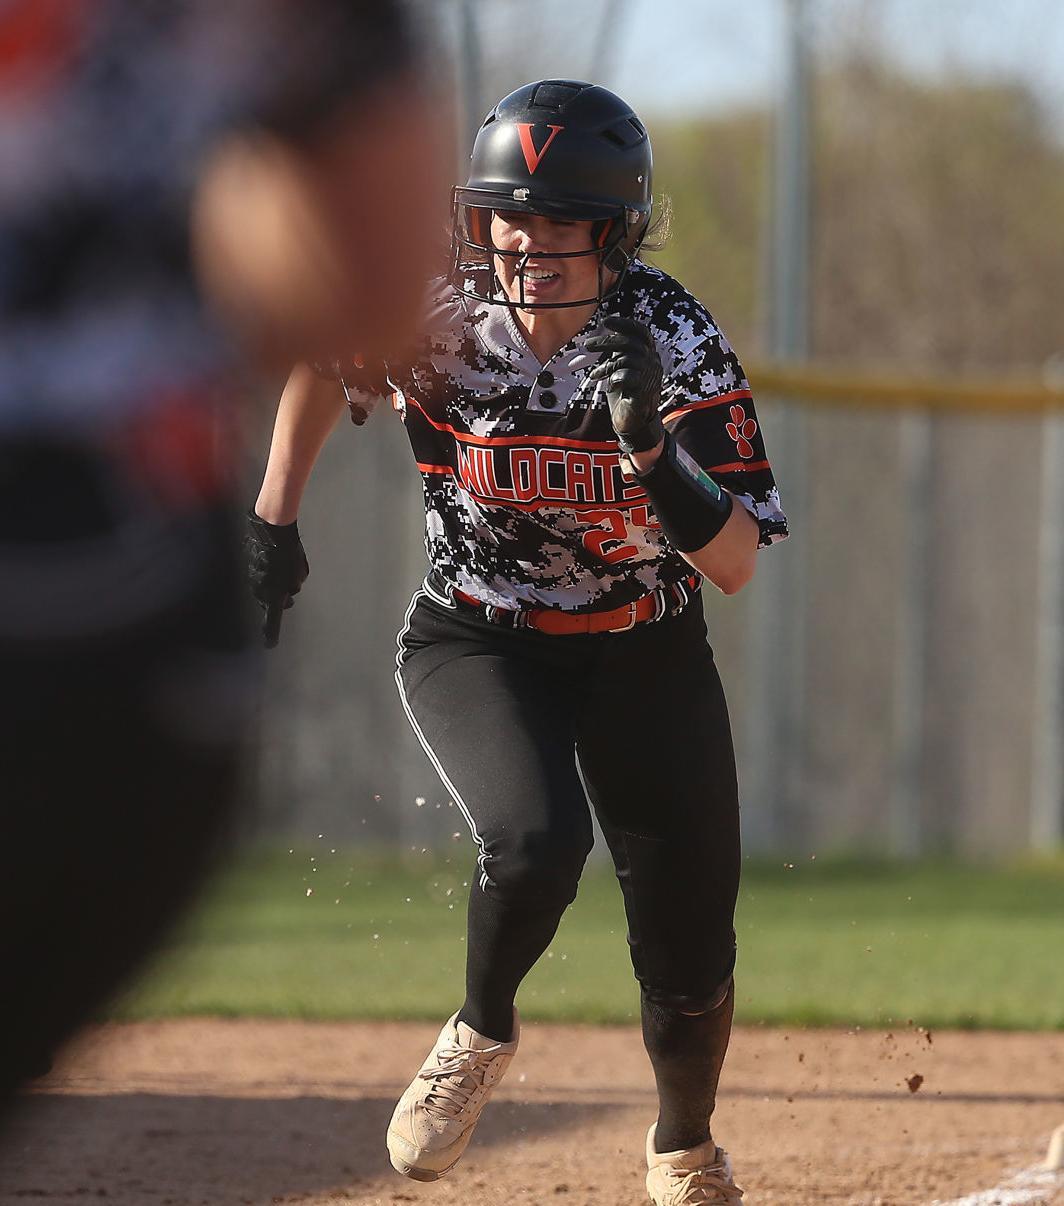 WIAA softball photo: Verona's Molly McChesney